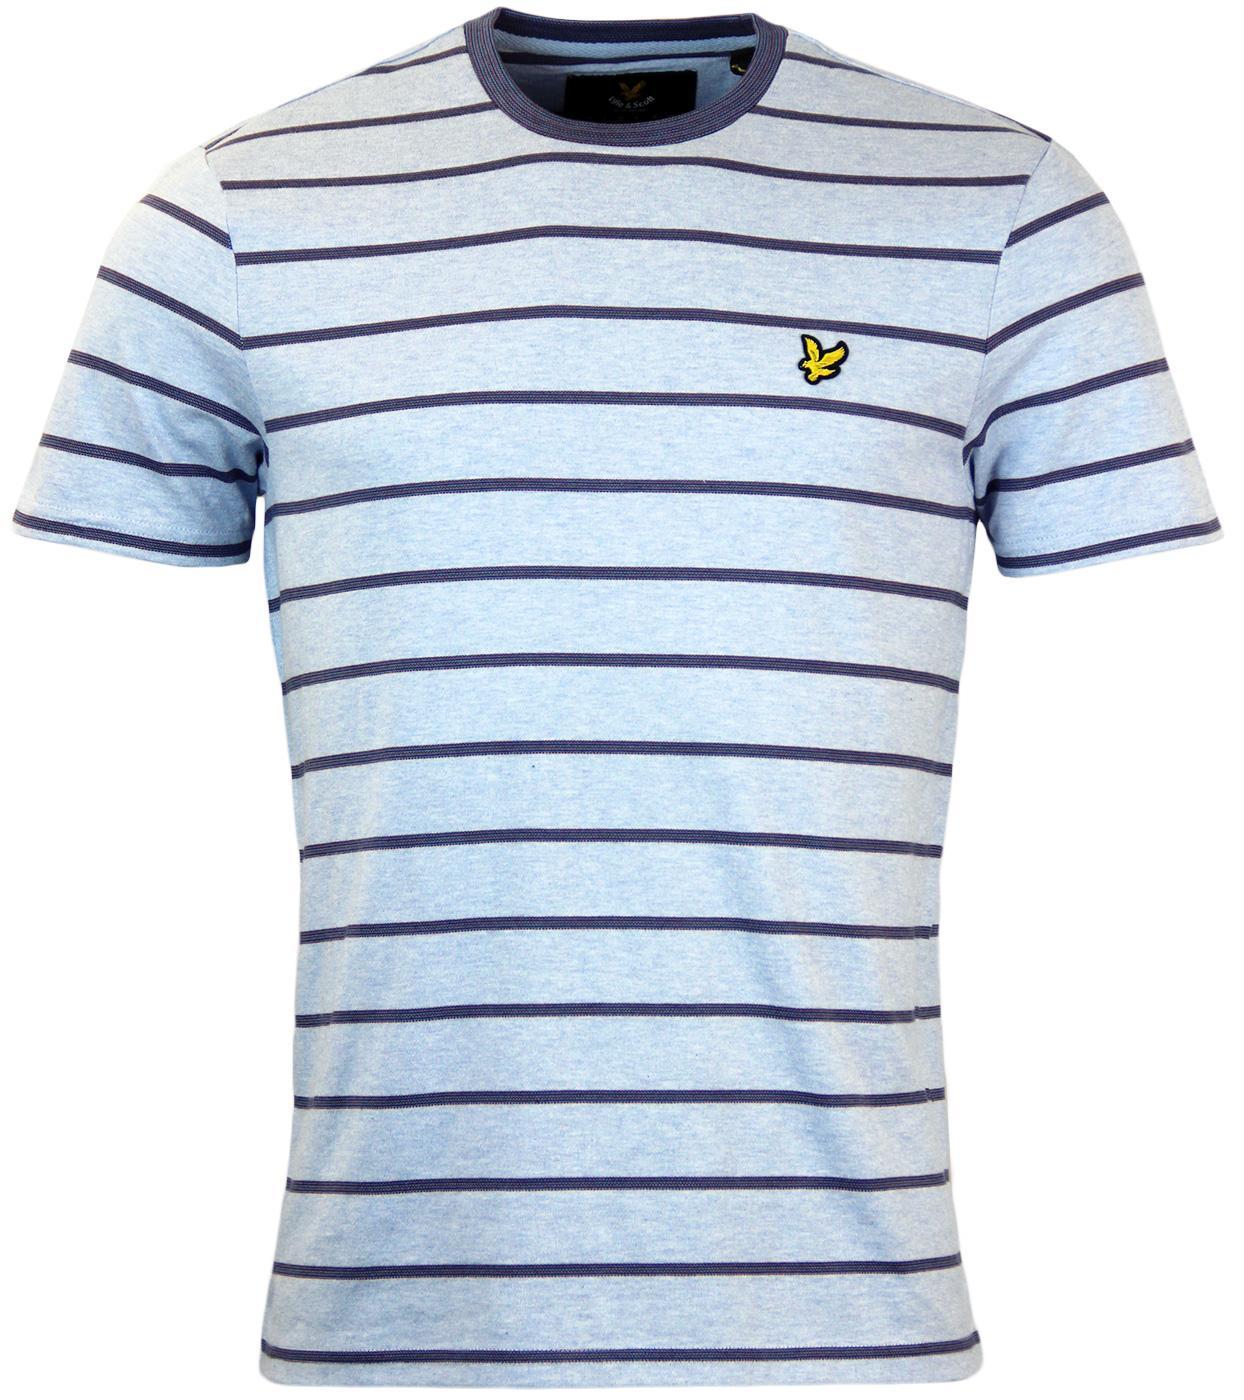 Birdseye LYLE & SCOTT Retro Indie Stripe T-Shirt